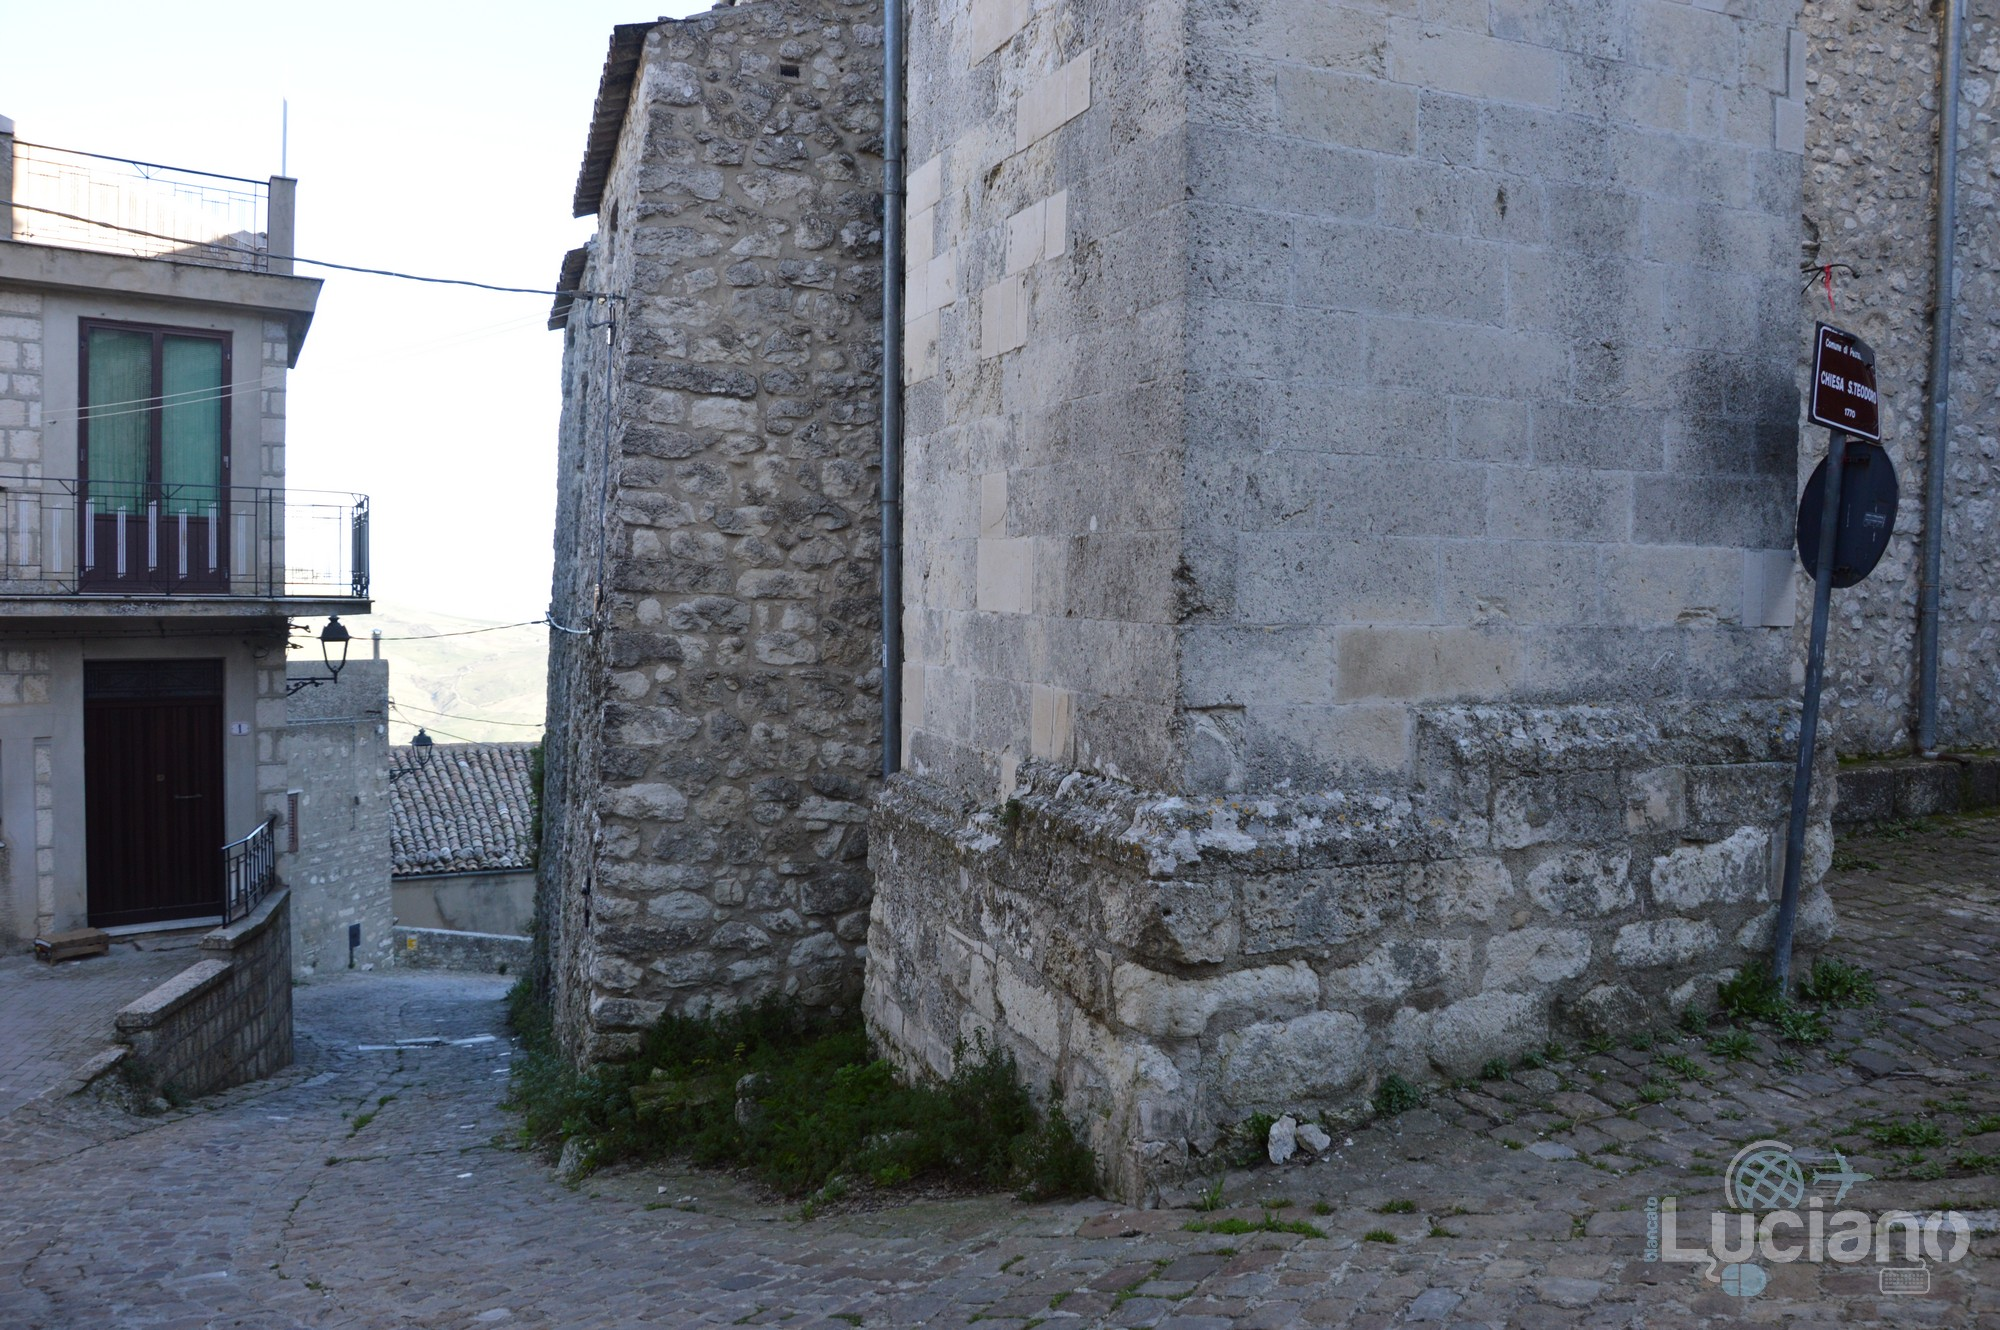 Chiesa S. Teodoro - Petralia Soprana - Palermo -  I Borghi più belli d'Italia - Borgo più bello d'Italia 2018